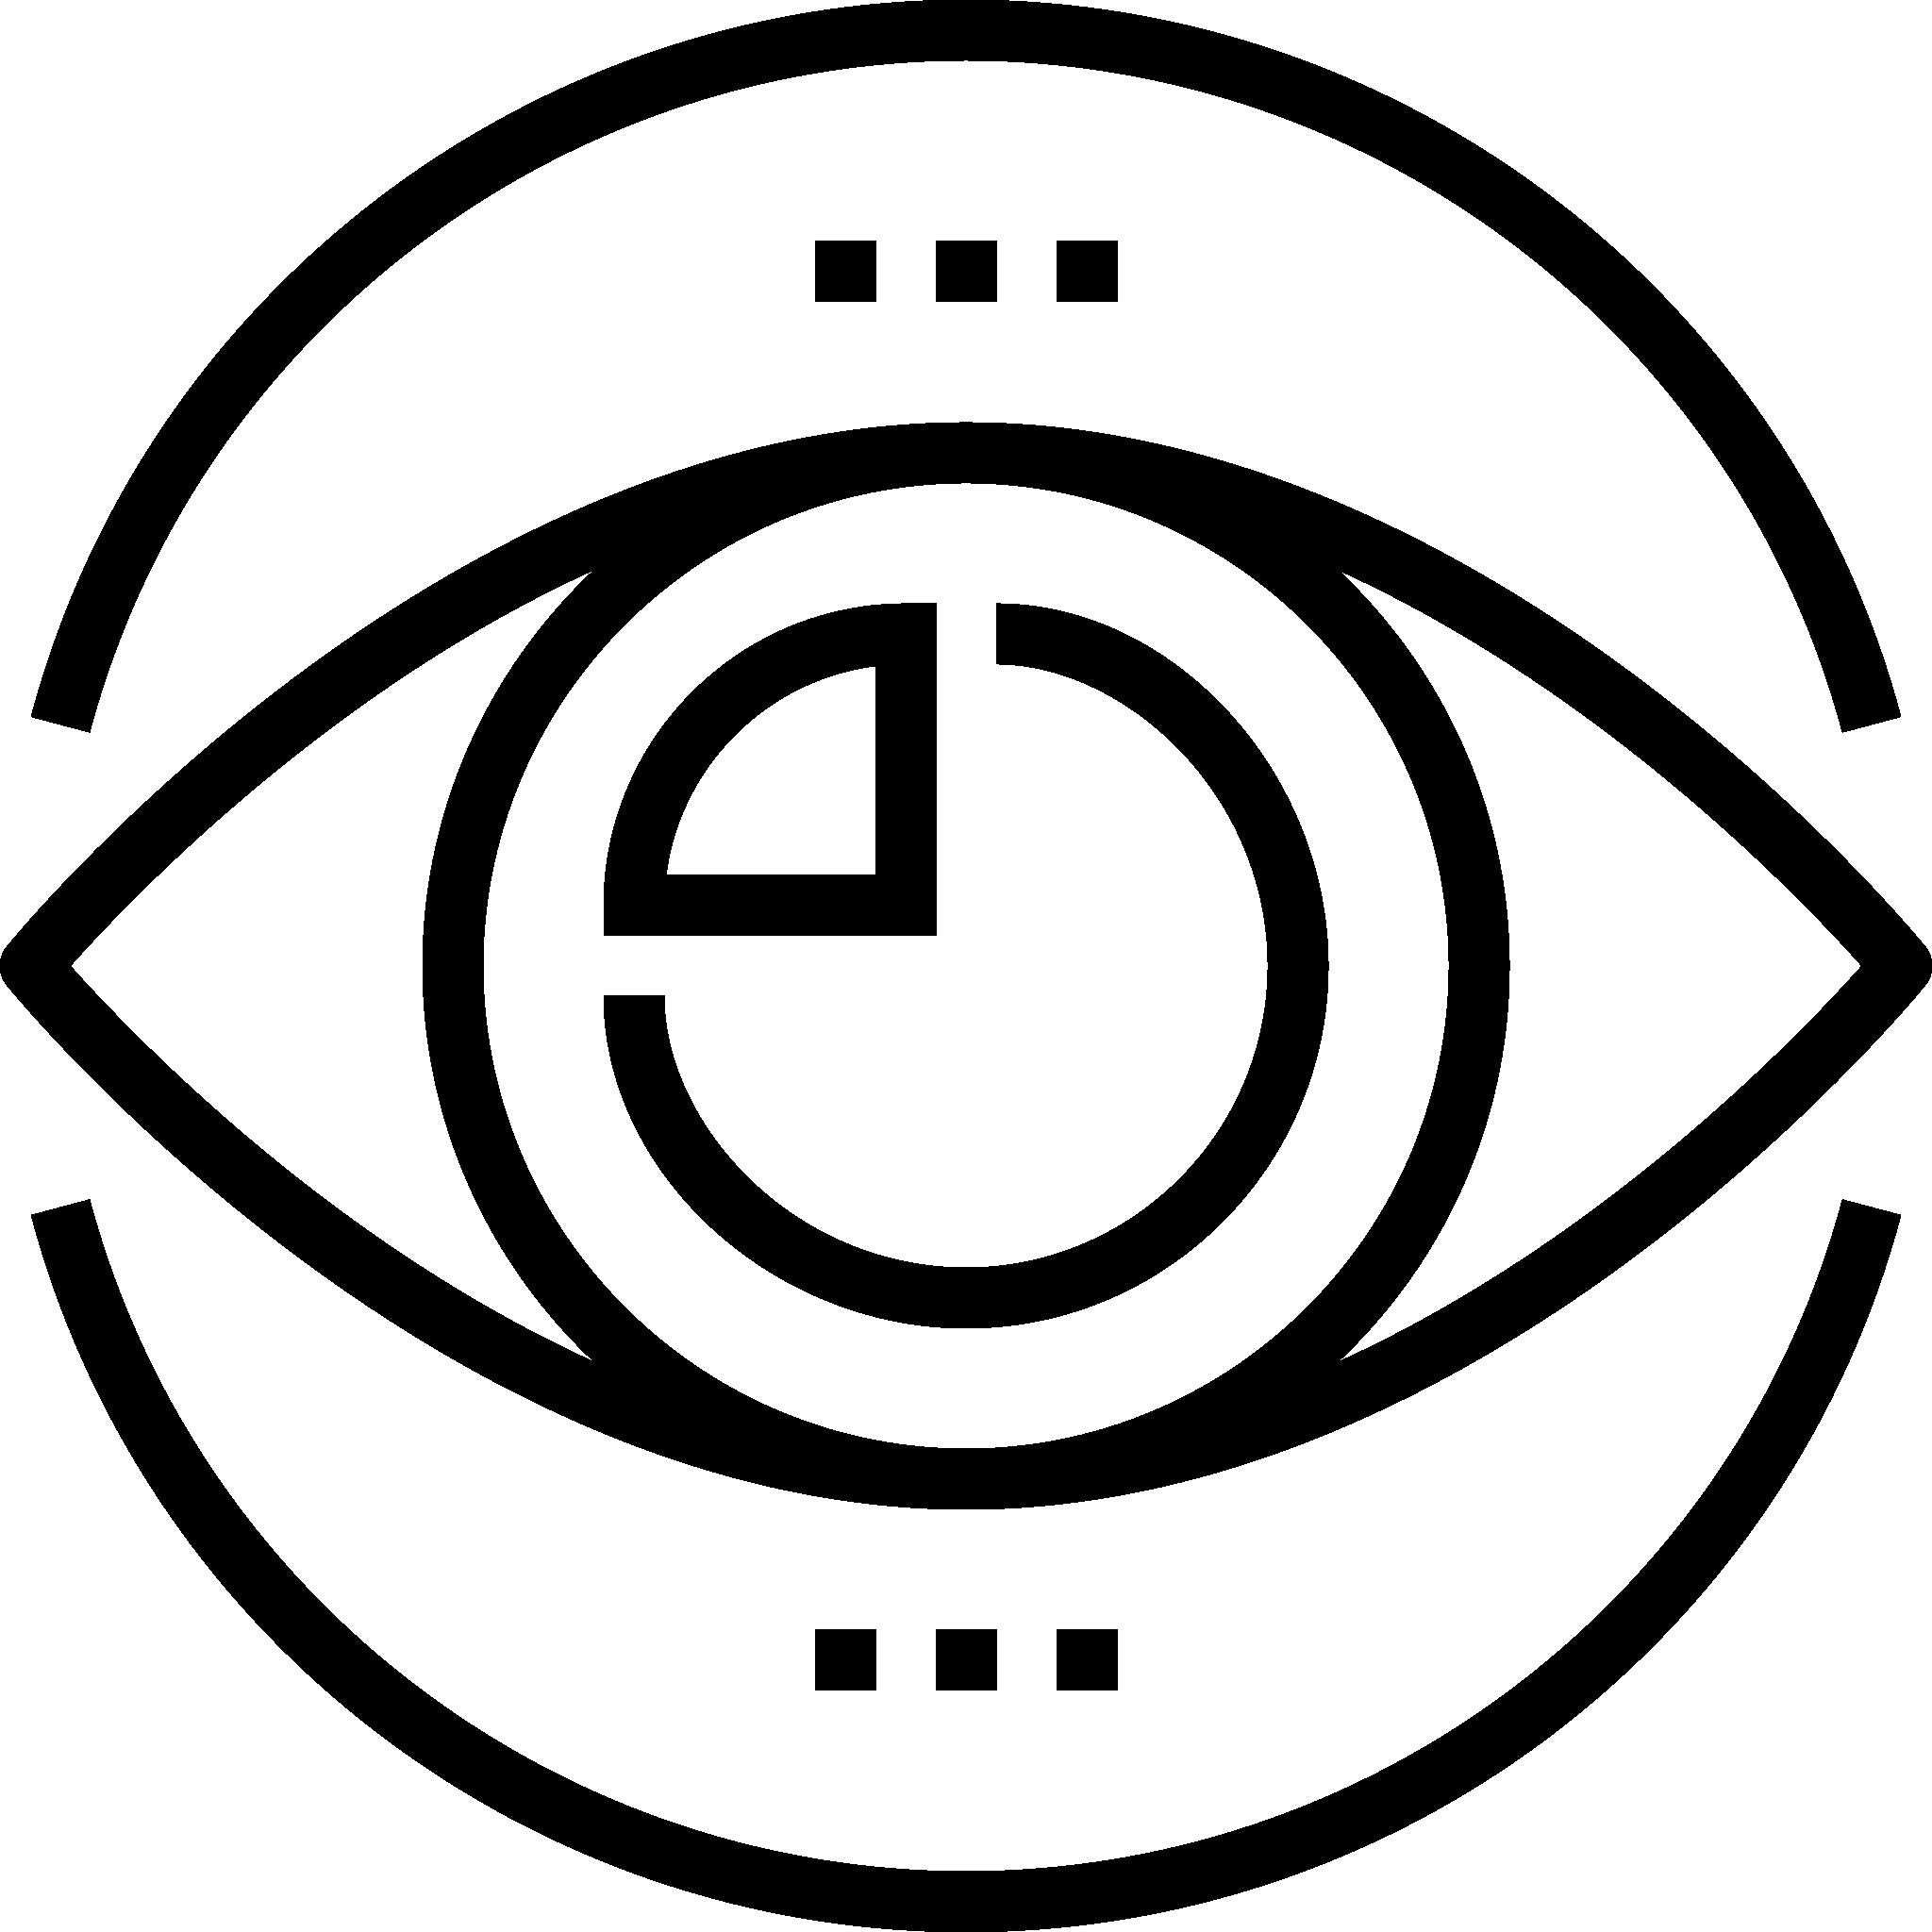 edr2-detect